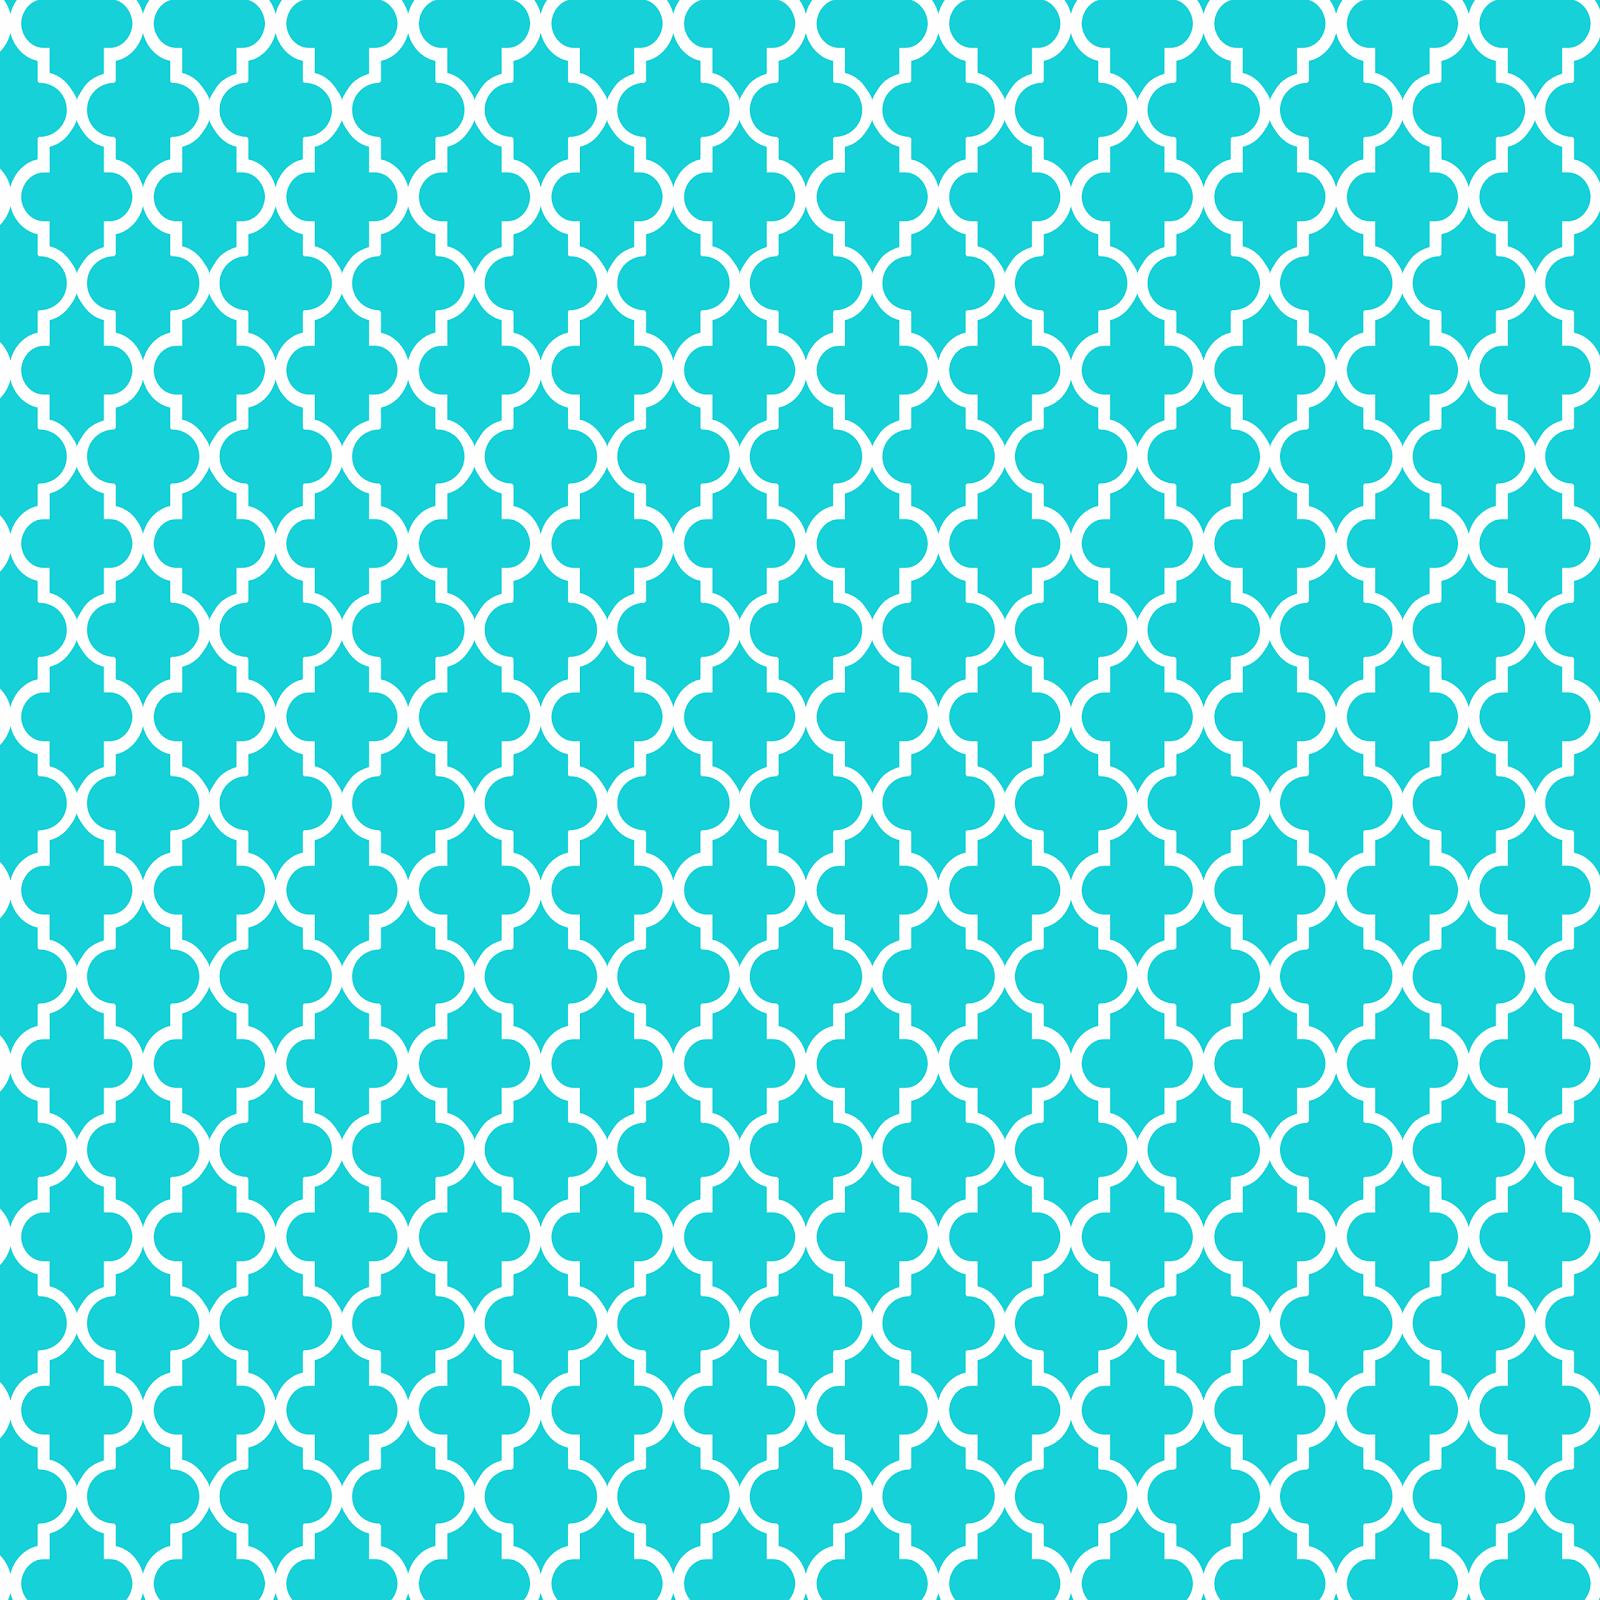 Doodlecraft: More Free Printable Patterns! - Free Printable Patterns